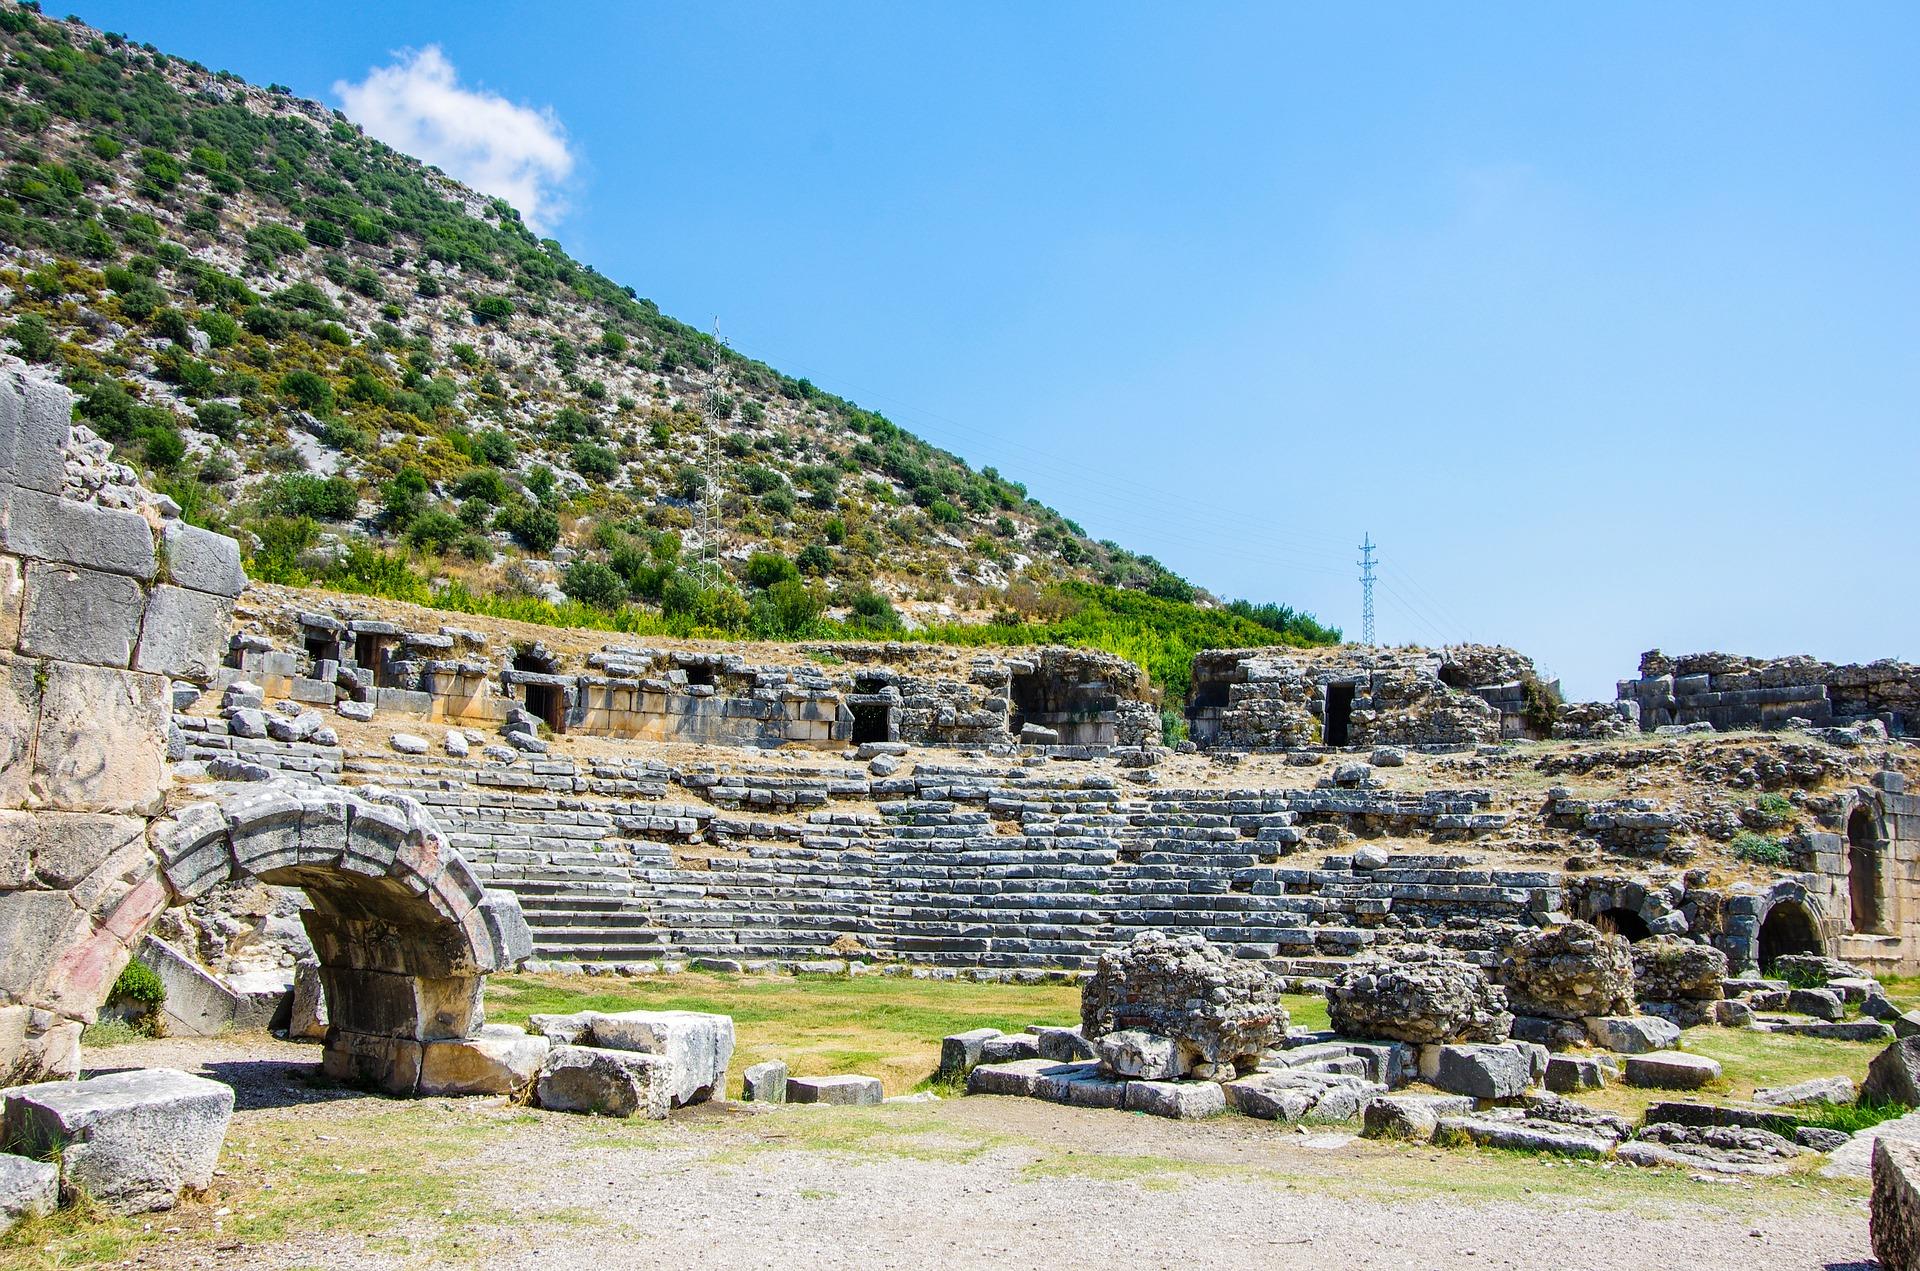 Mit öffentlichen Verkehrsmitteln kommen Sie sehr schnell nach Antalya zu den alten Ruinen